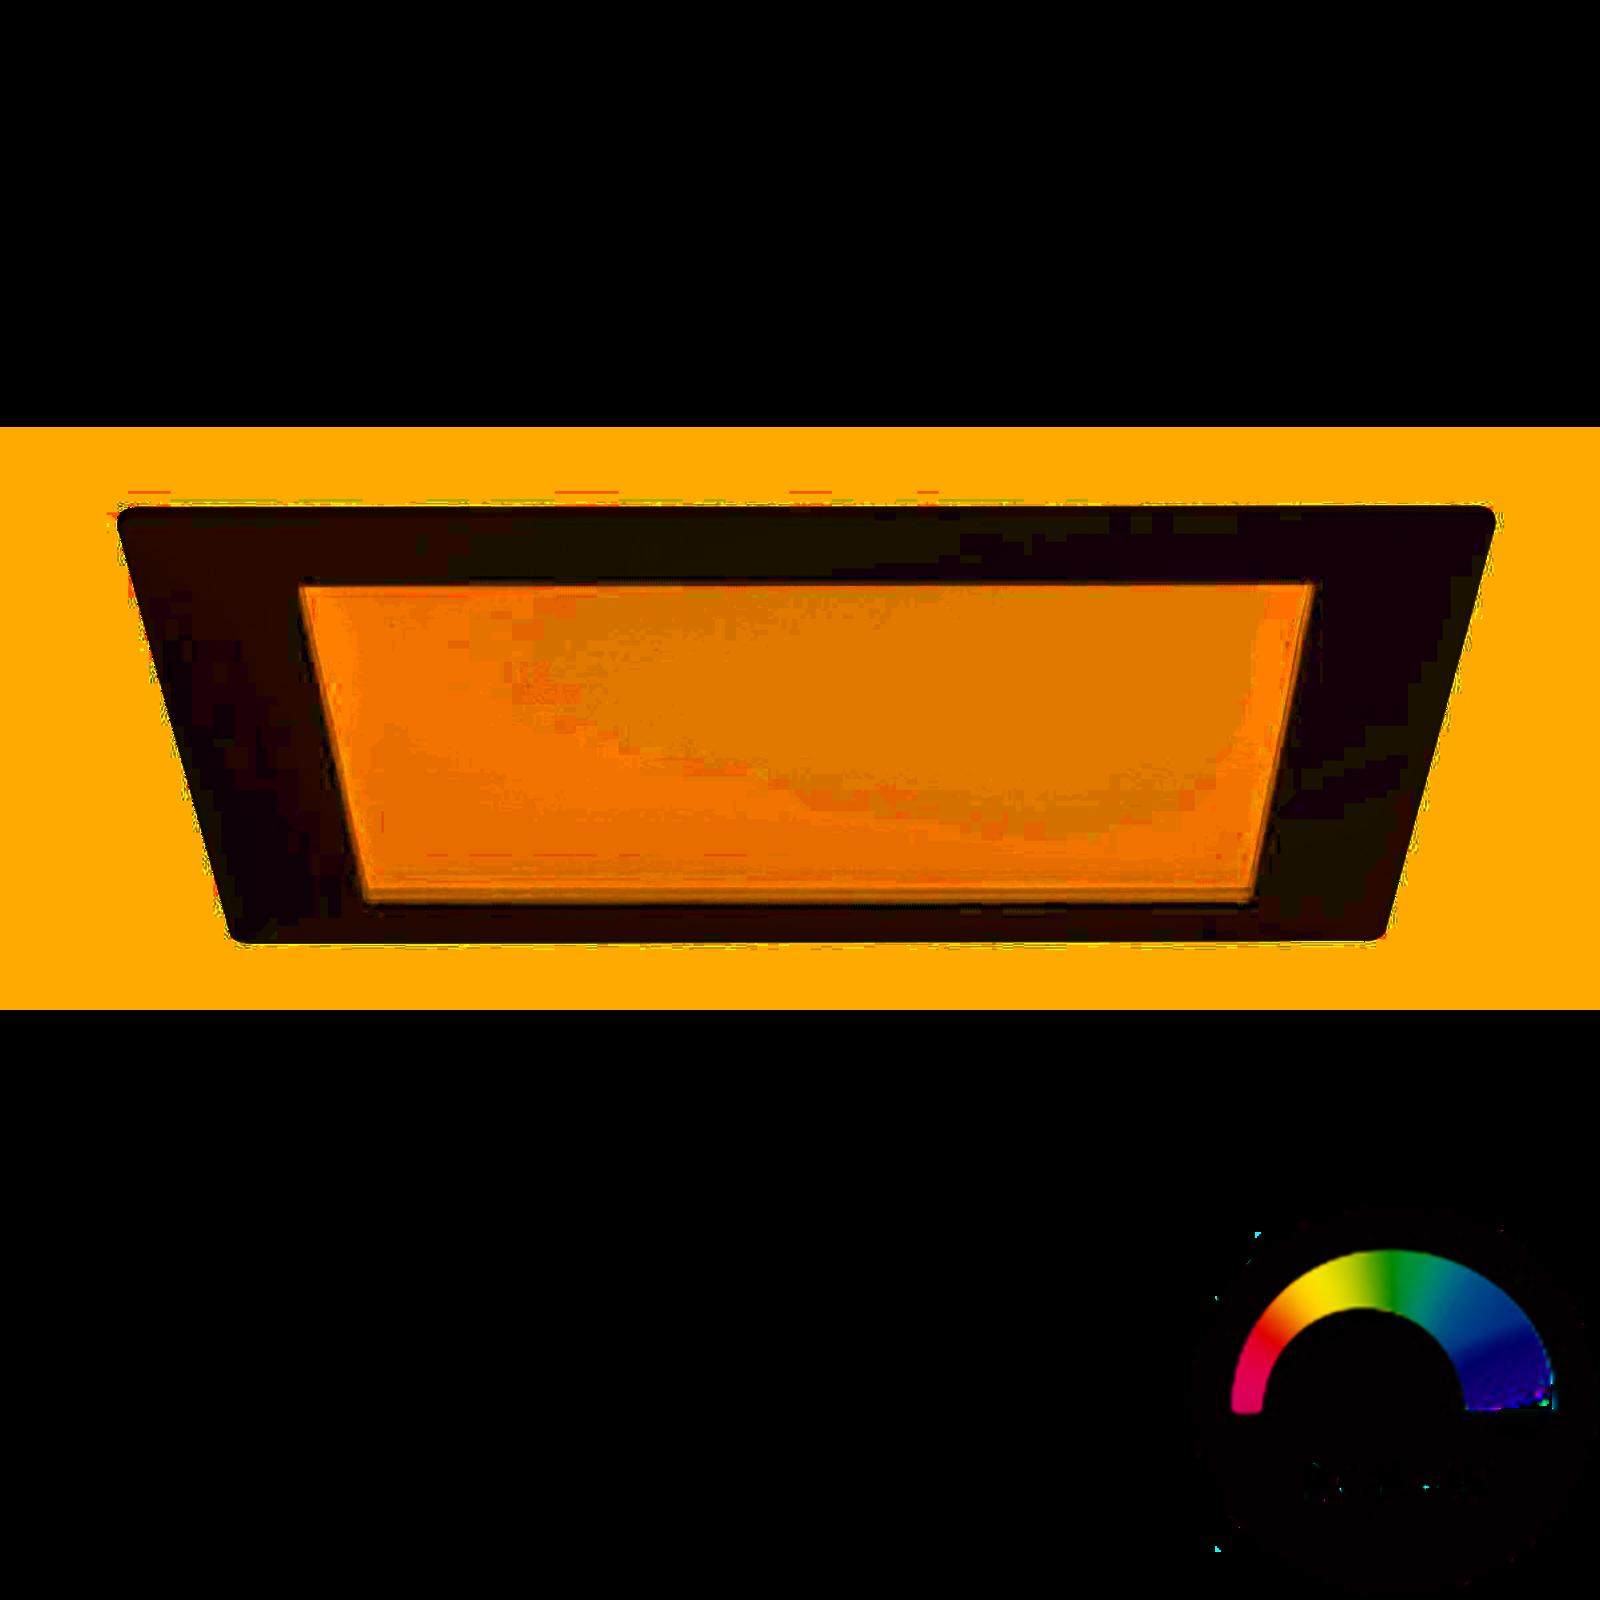 Paulmann LED Einbaupanel eckig 3,5W Weiß mit RGBW Farblichtsteuerung